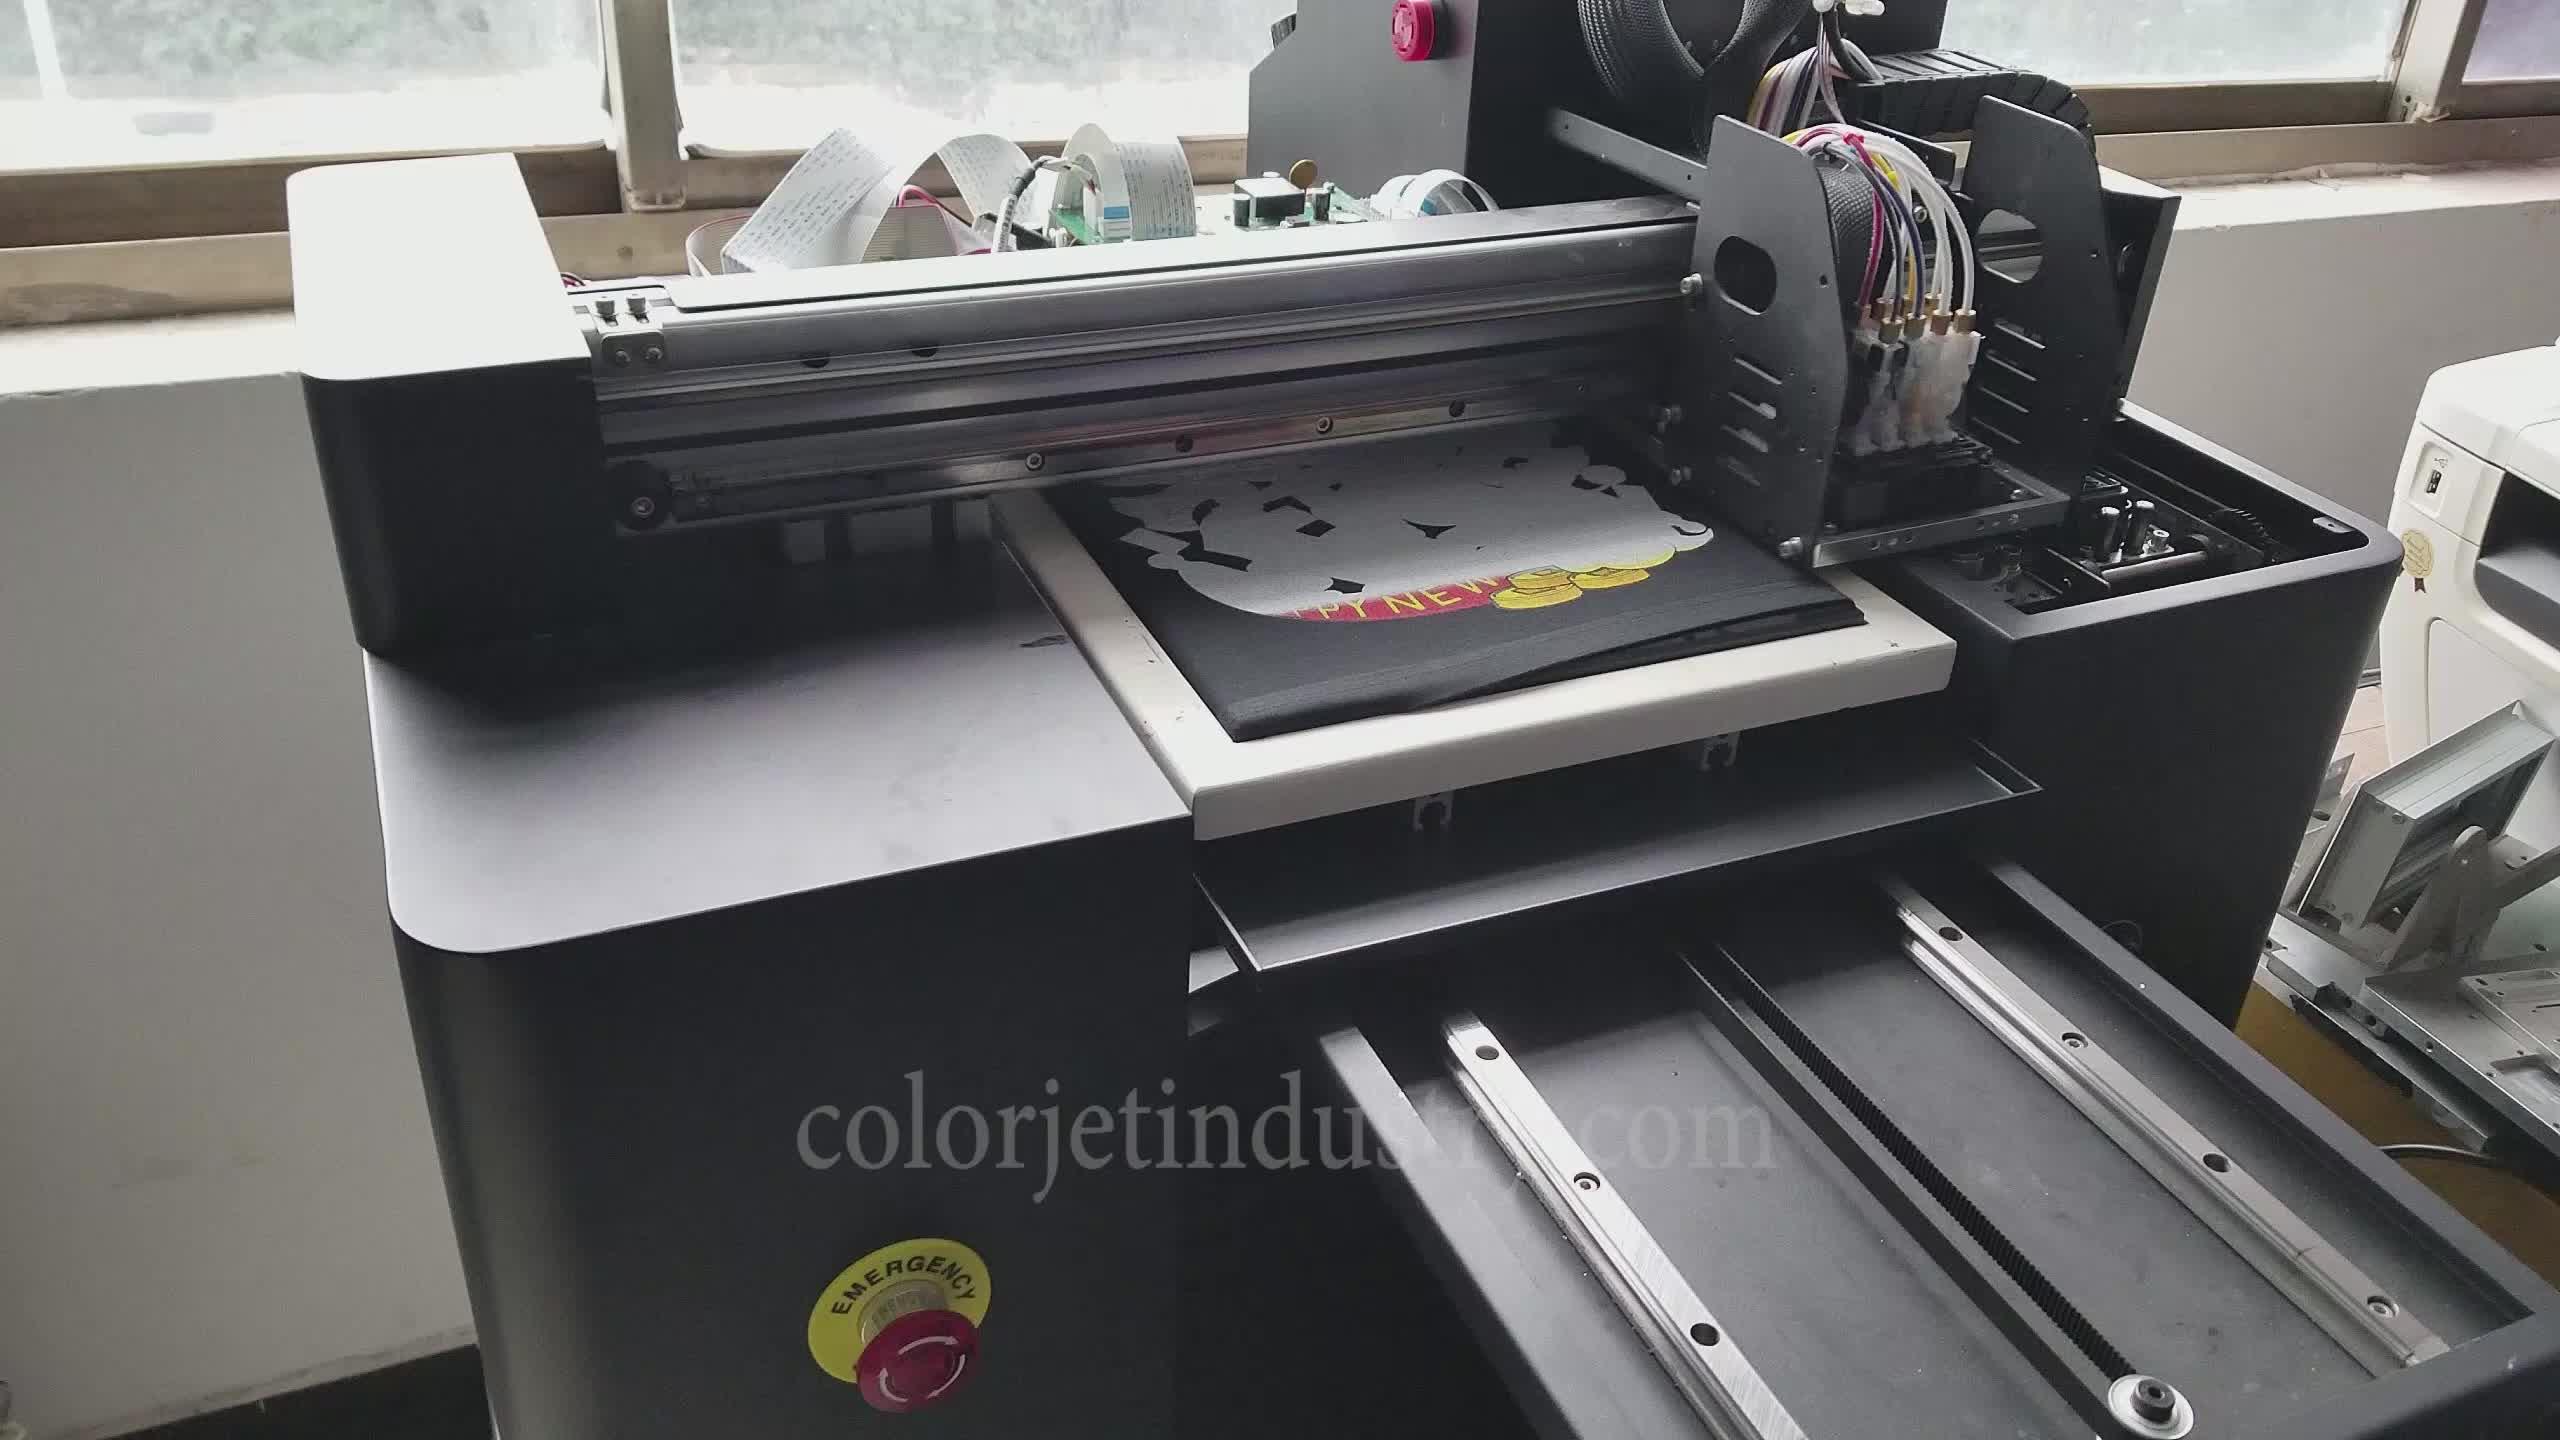 A3 ดิจิตอล dtg เครื่องพิมพ์สำหรับเสื้อยืดผ้าฝ้ายเครื่องพิมพ์ราคา